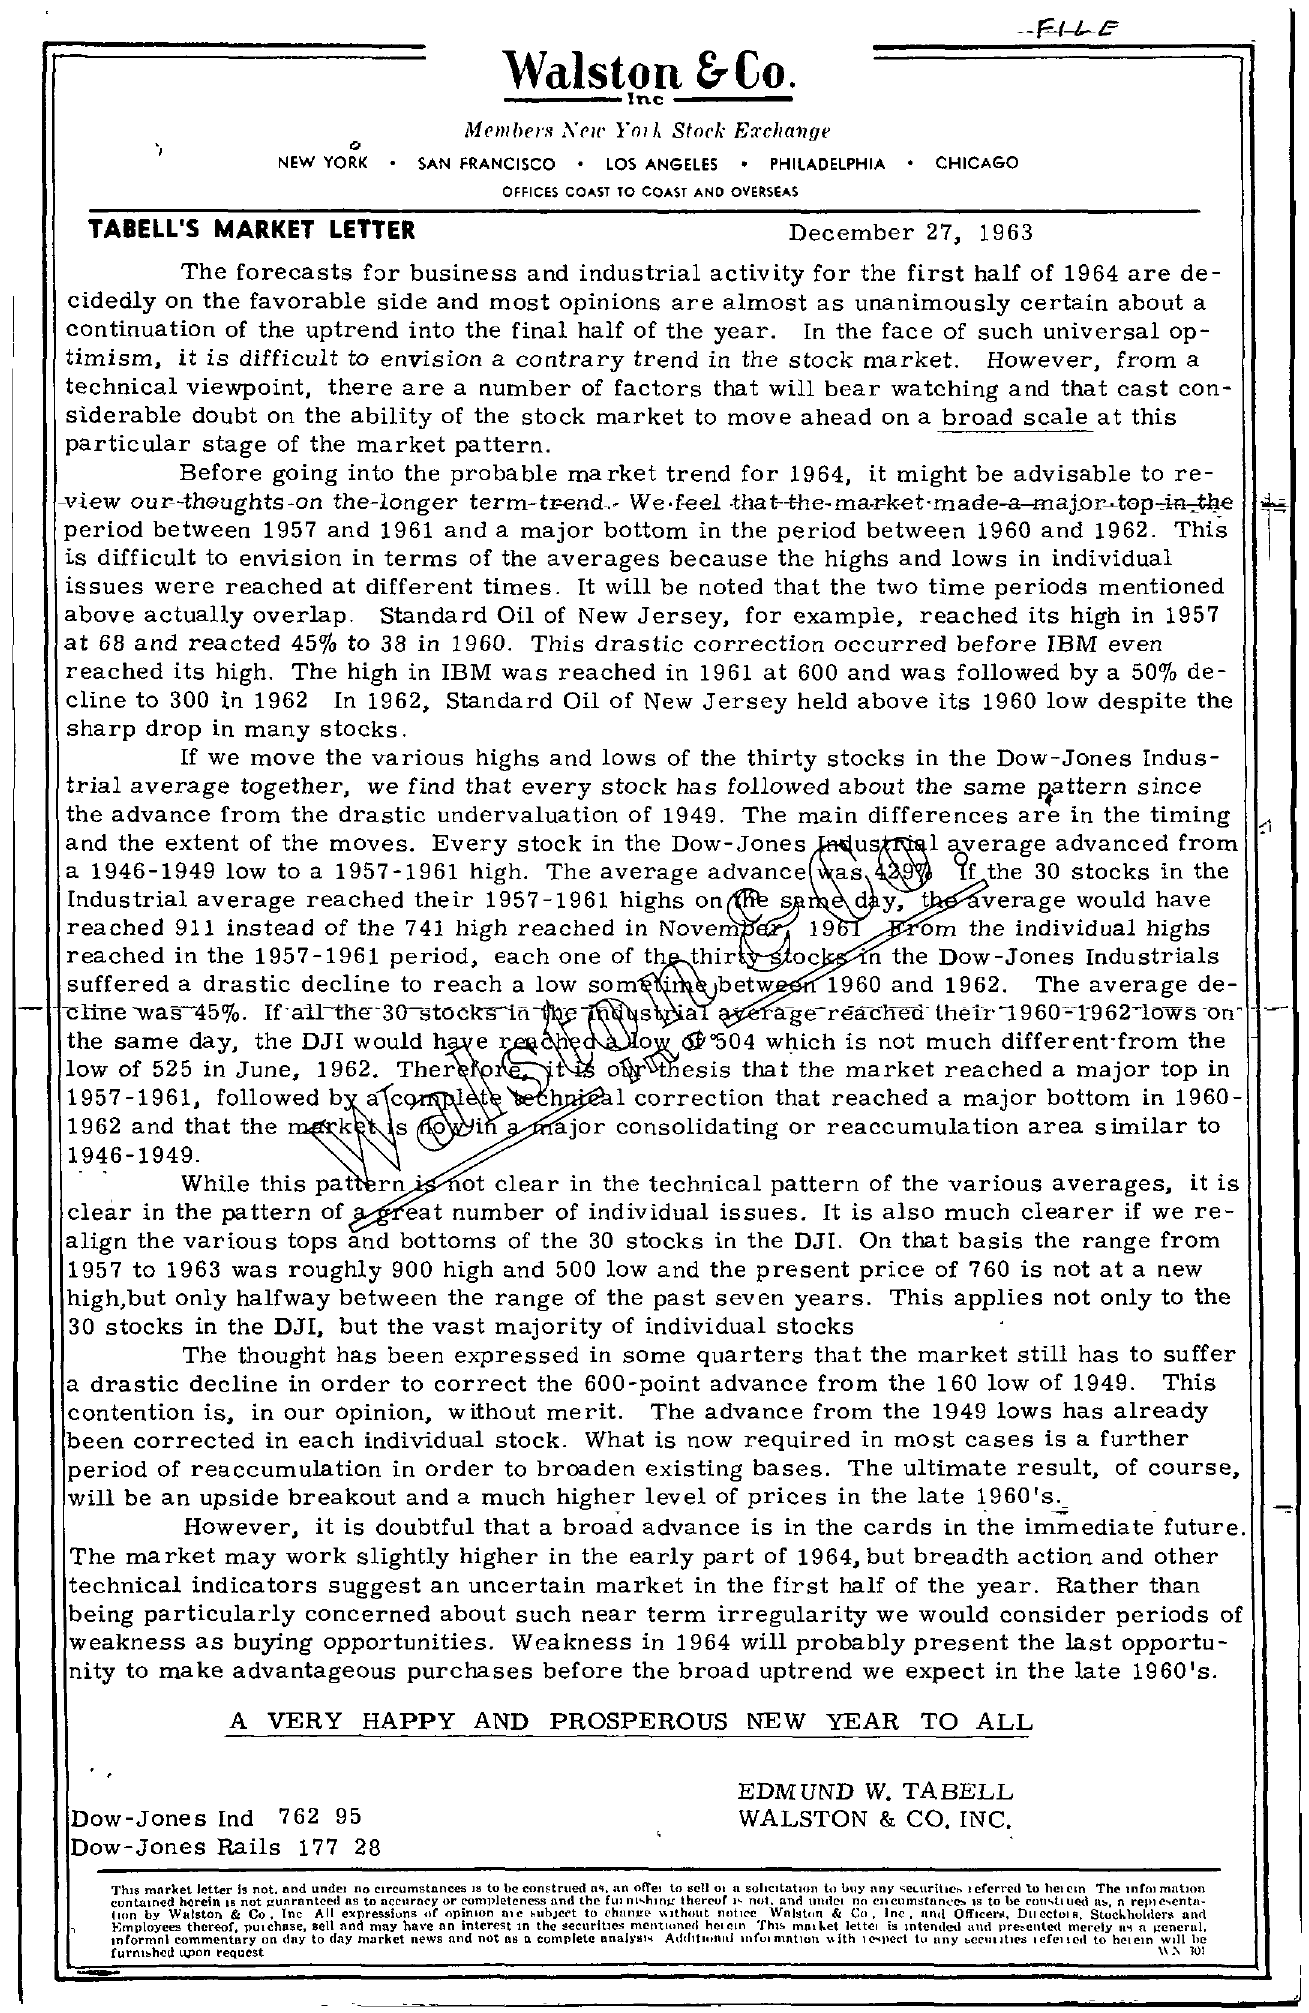 Tabell's Market Letter - December 27, 1963